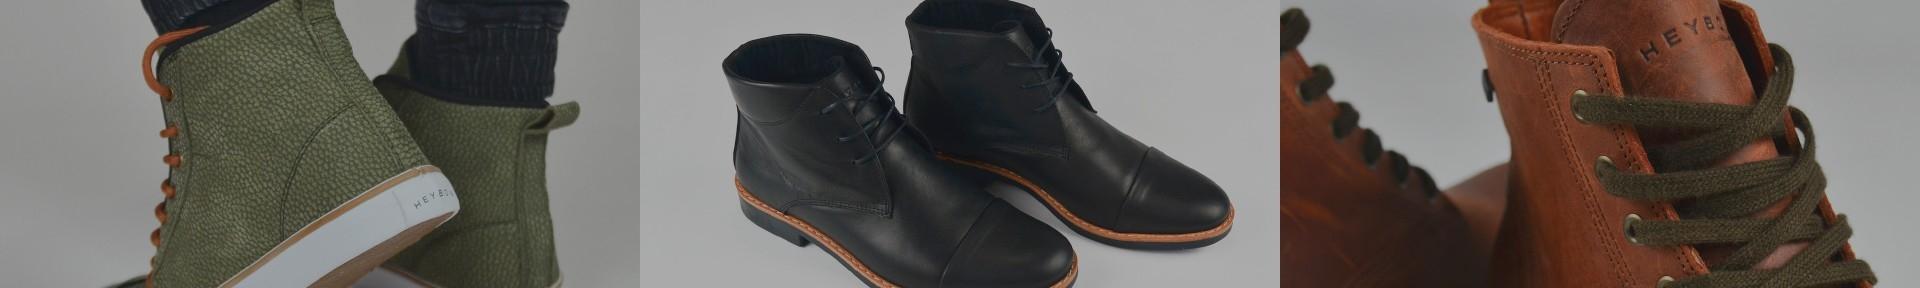 Zapatos de moda - Heybon